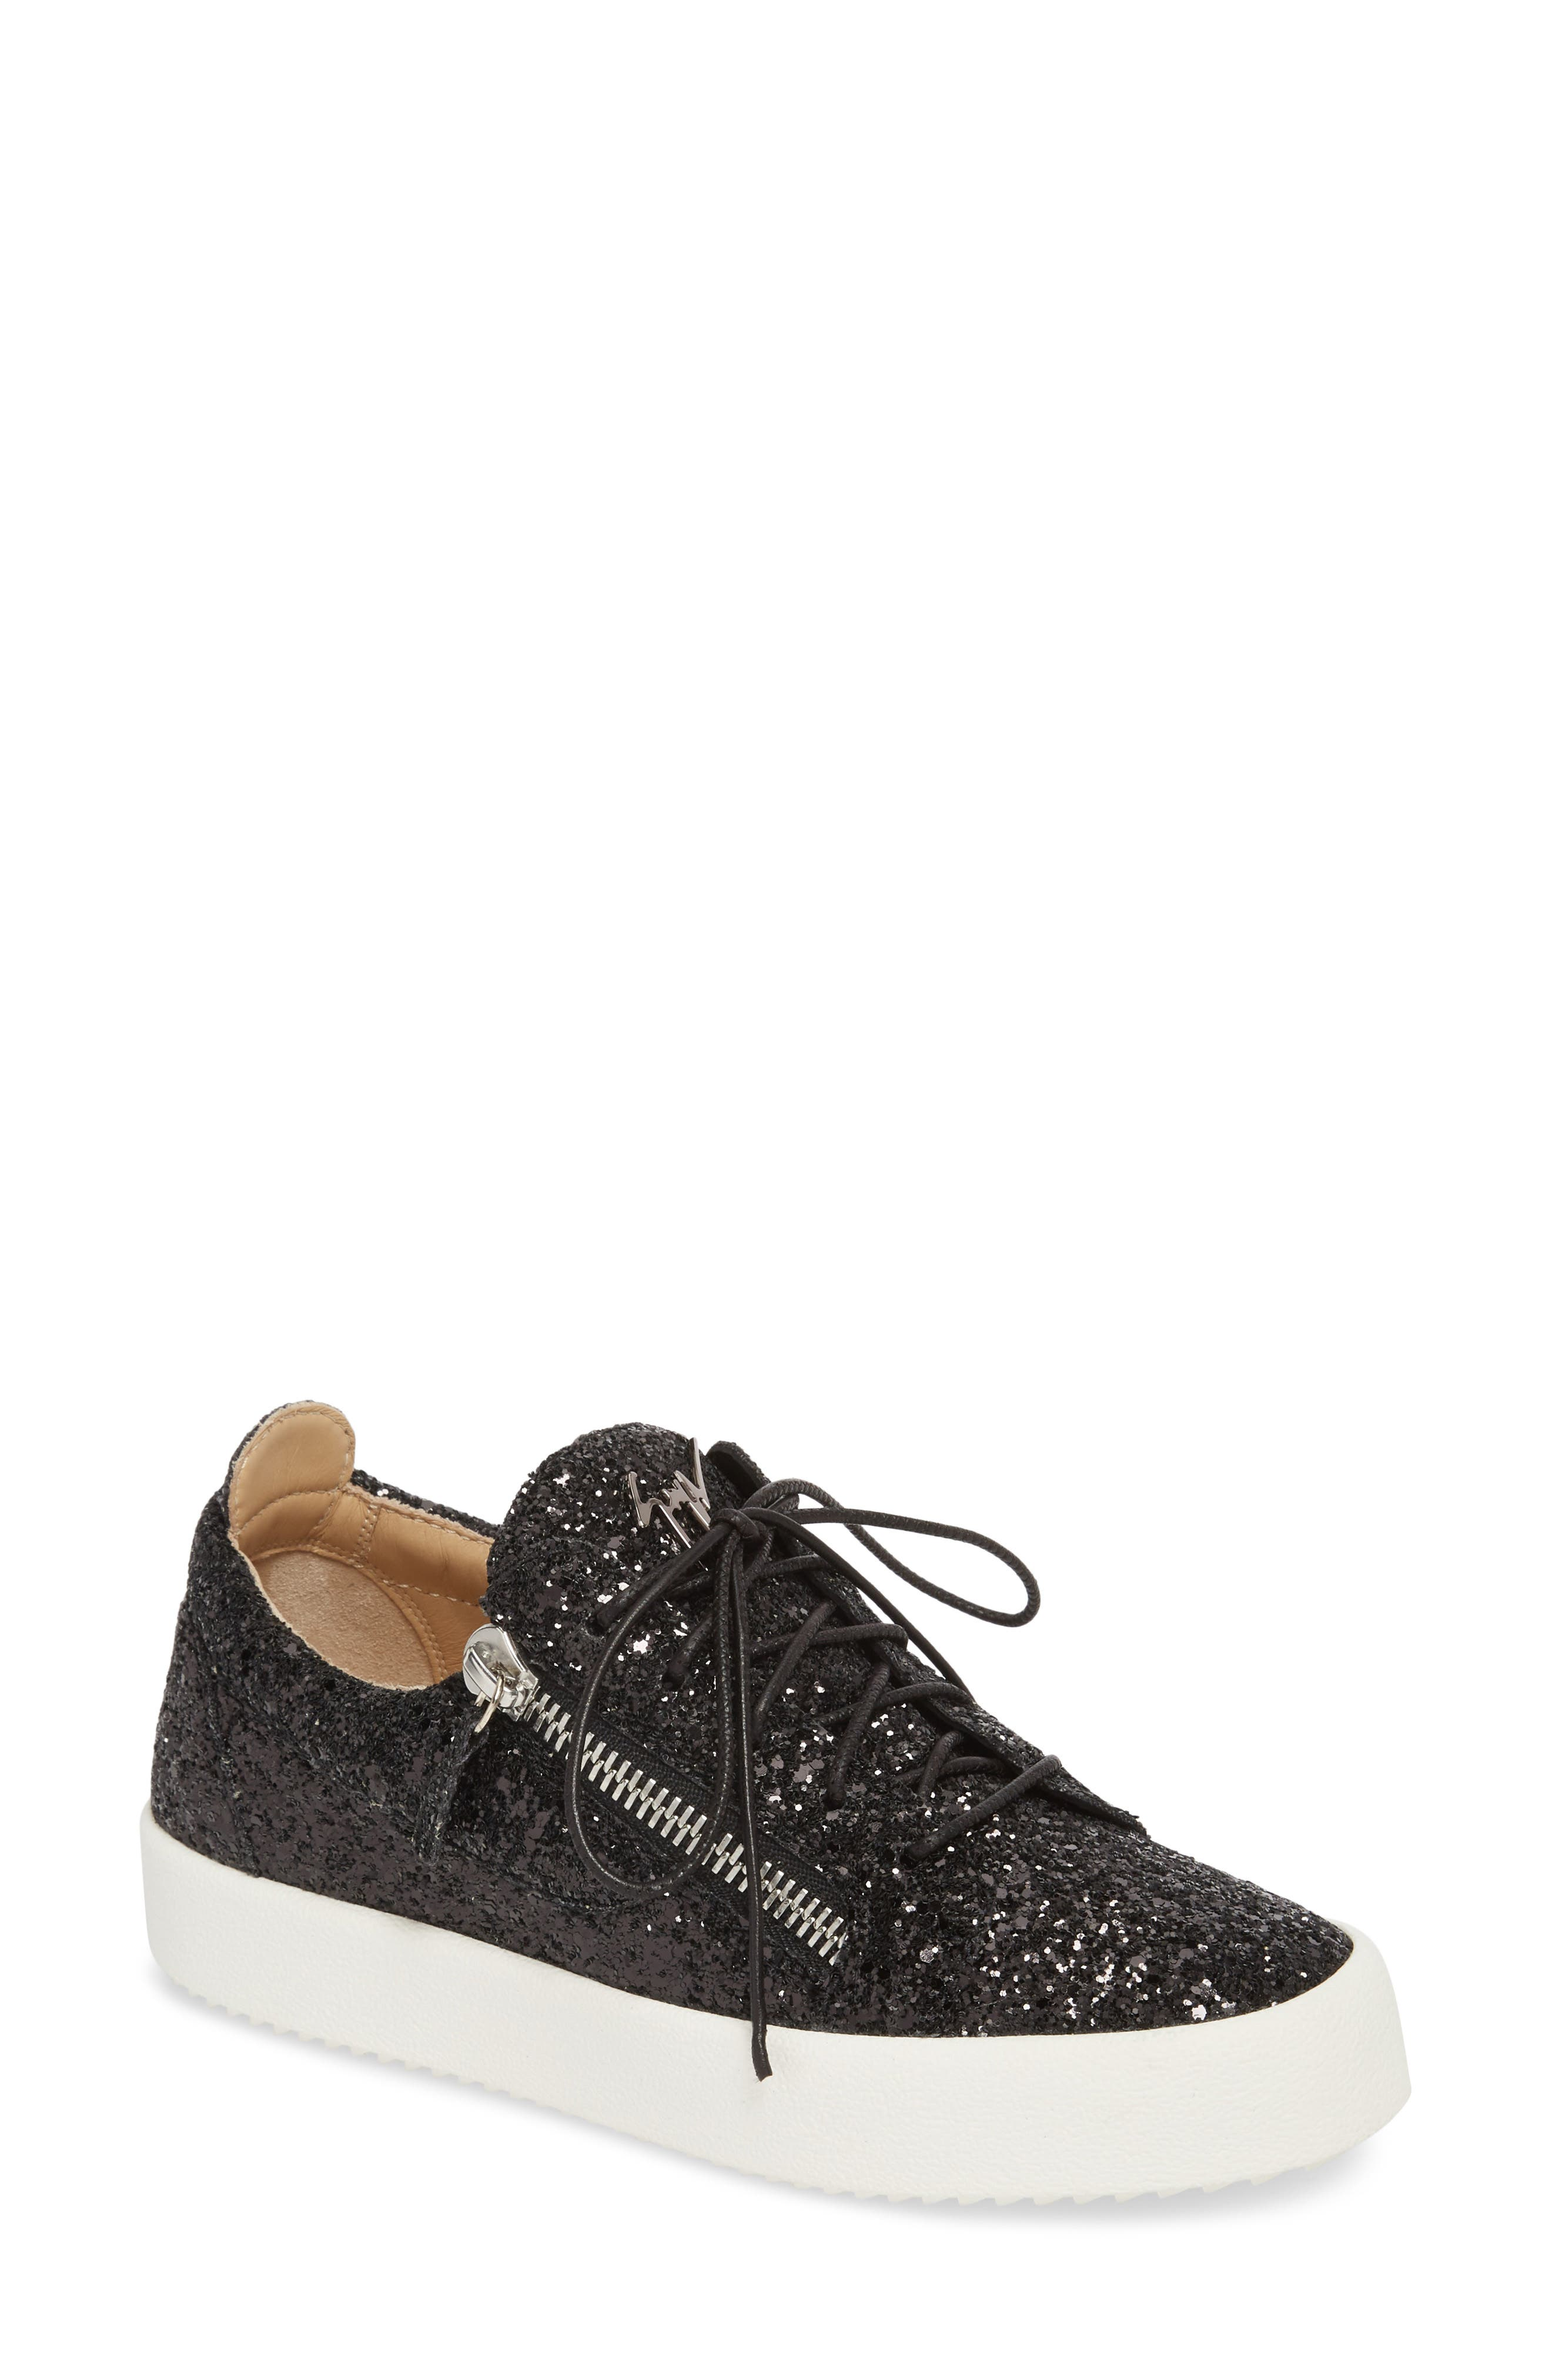 May London Low Top Sneaker,                             Main thumbnail 1, color,                             BLACK